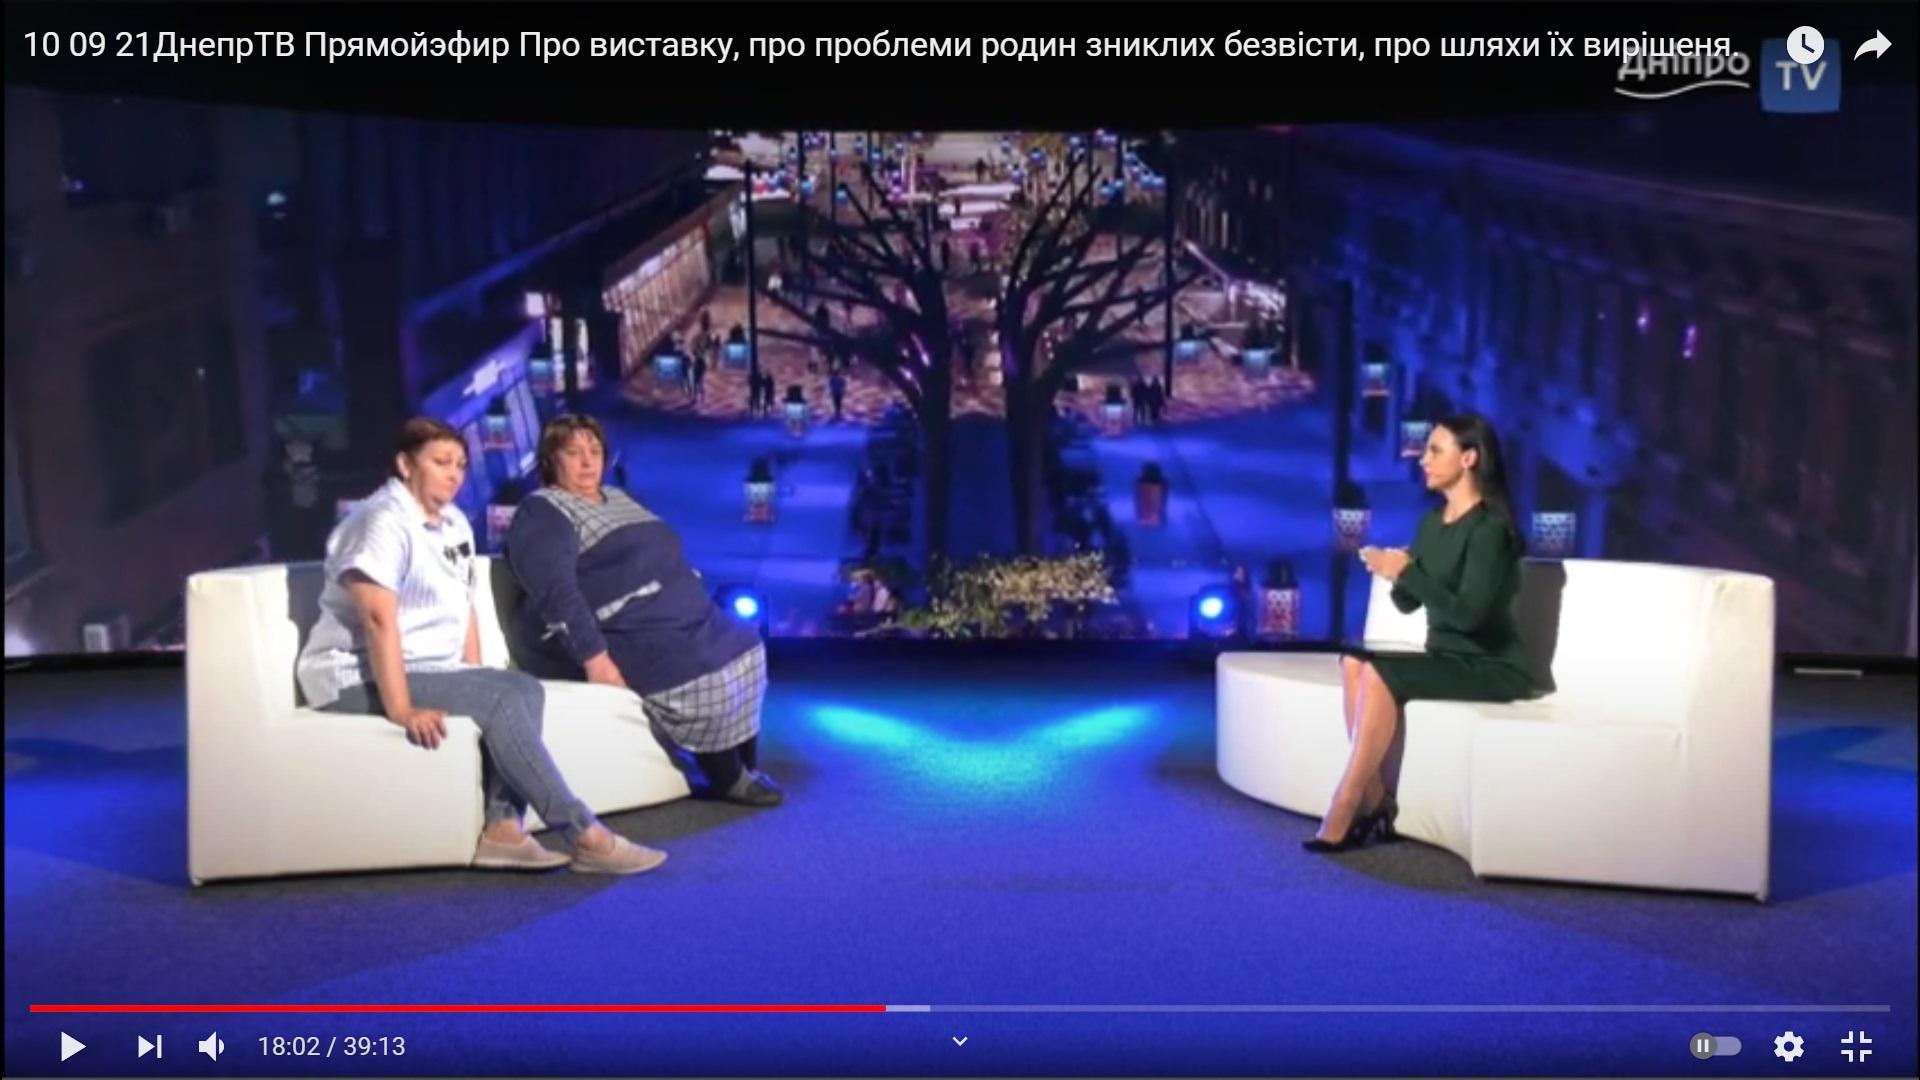 Вечір на ДніпроТВ. Про заходи, виставки та плани на майбутнє.